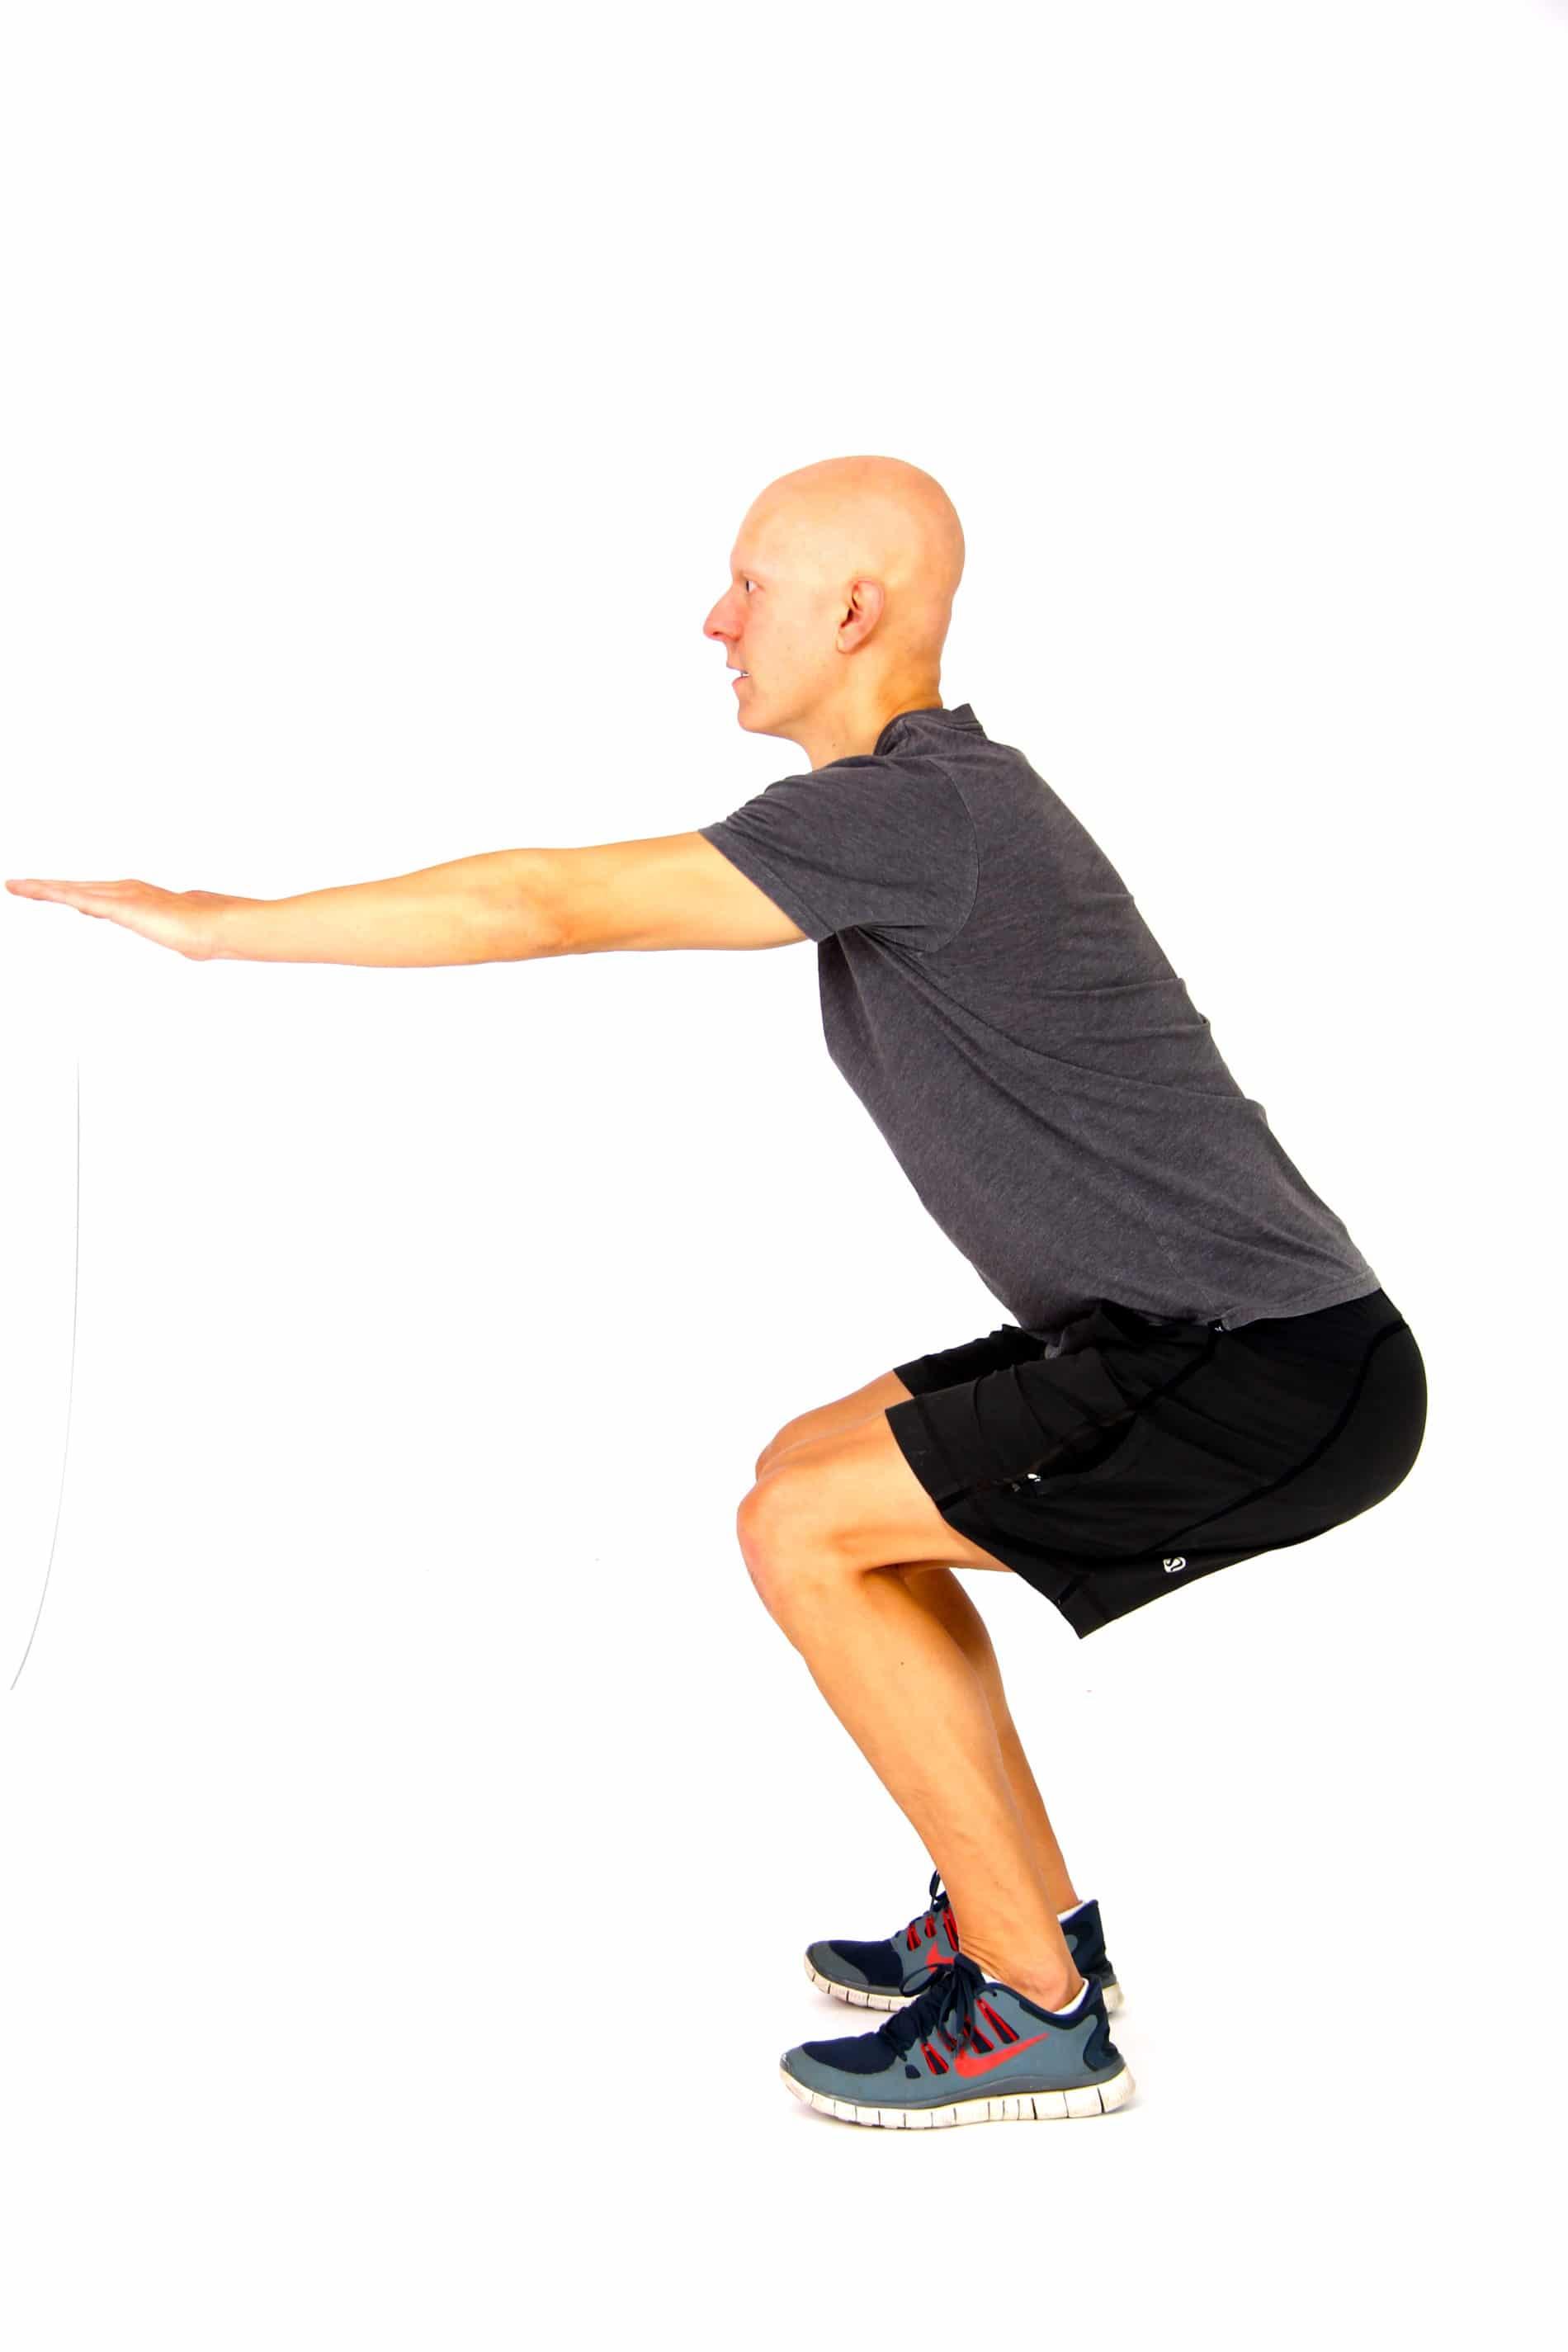 10 Best Bodyweight Exercises - Squat